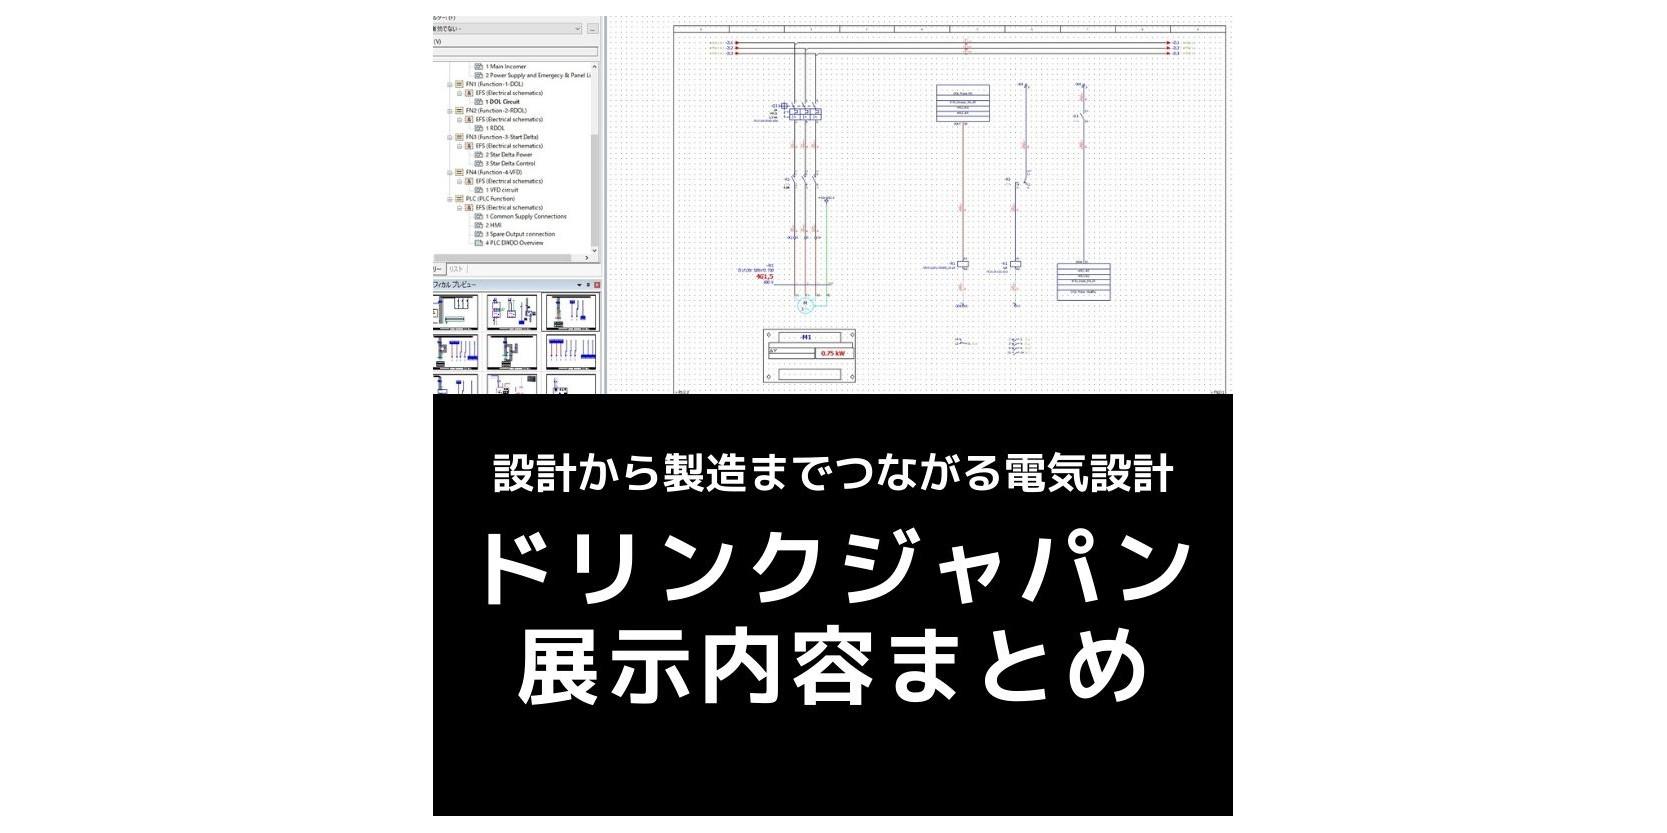 【展示内容まとめ】ドリンクジャパン2019 - 世界標準の電気設計CAD EPLANブログ